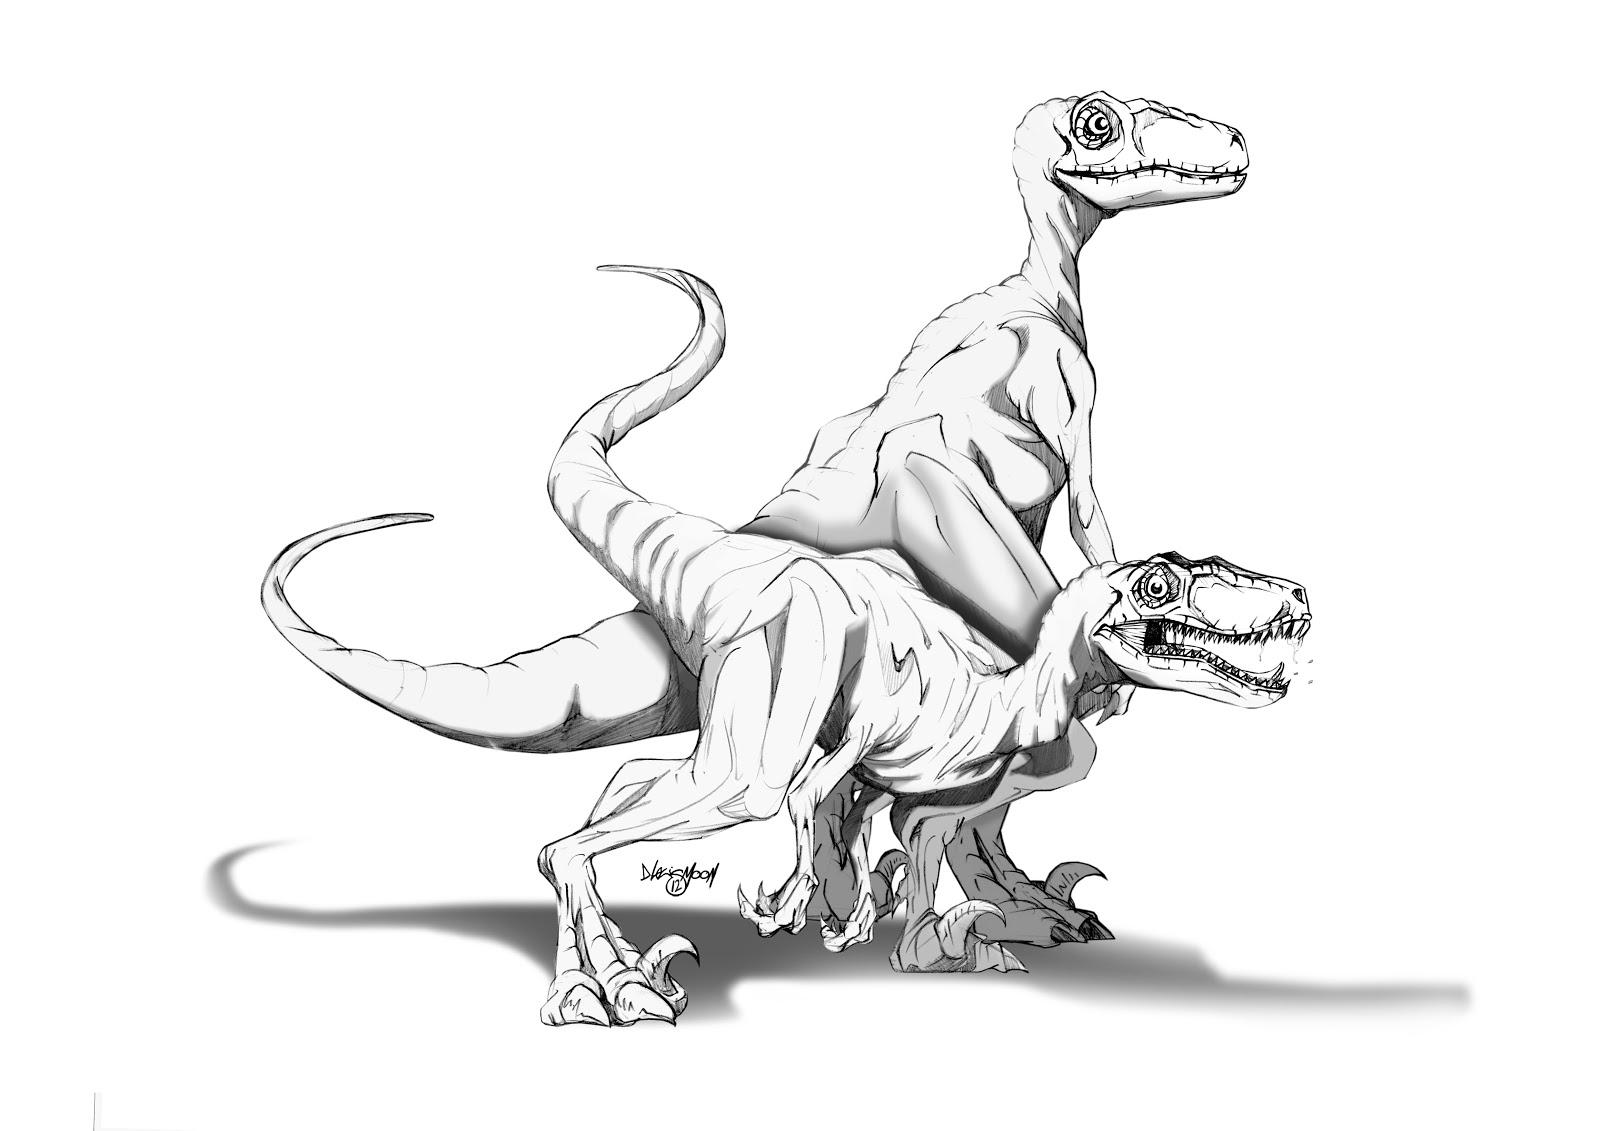 1600x1131 Jurassic Park